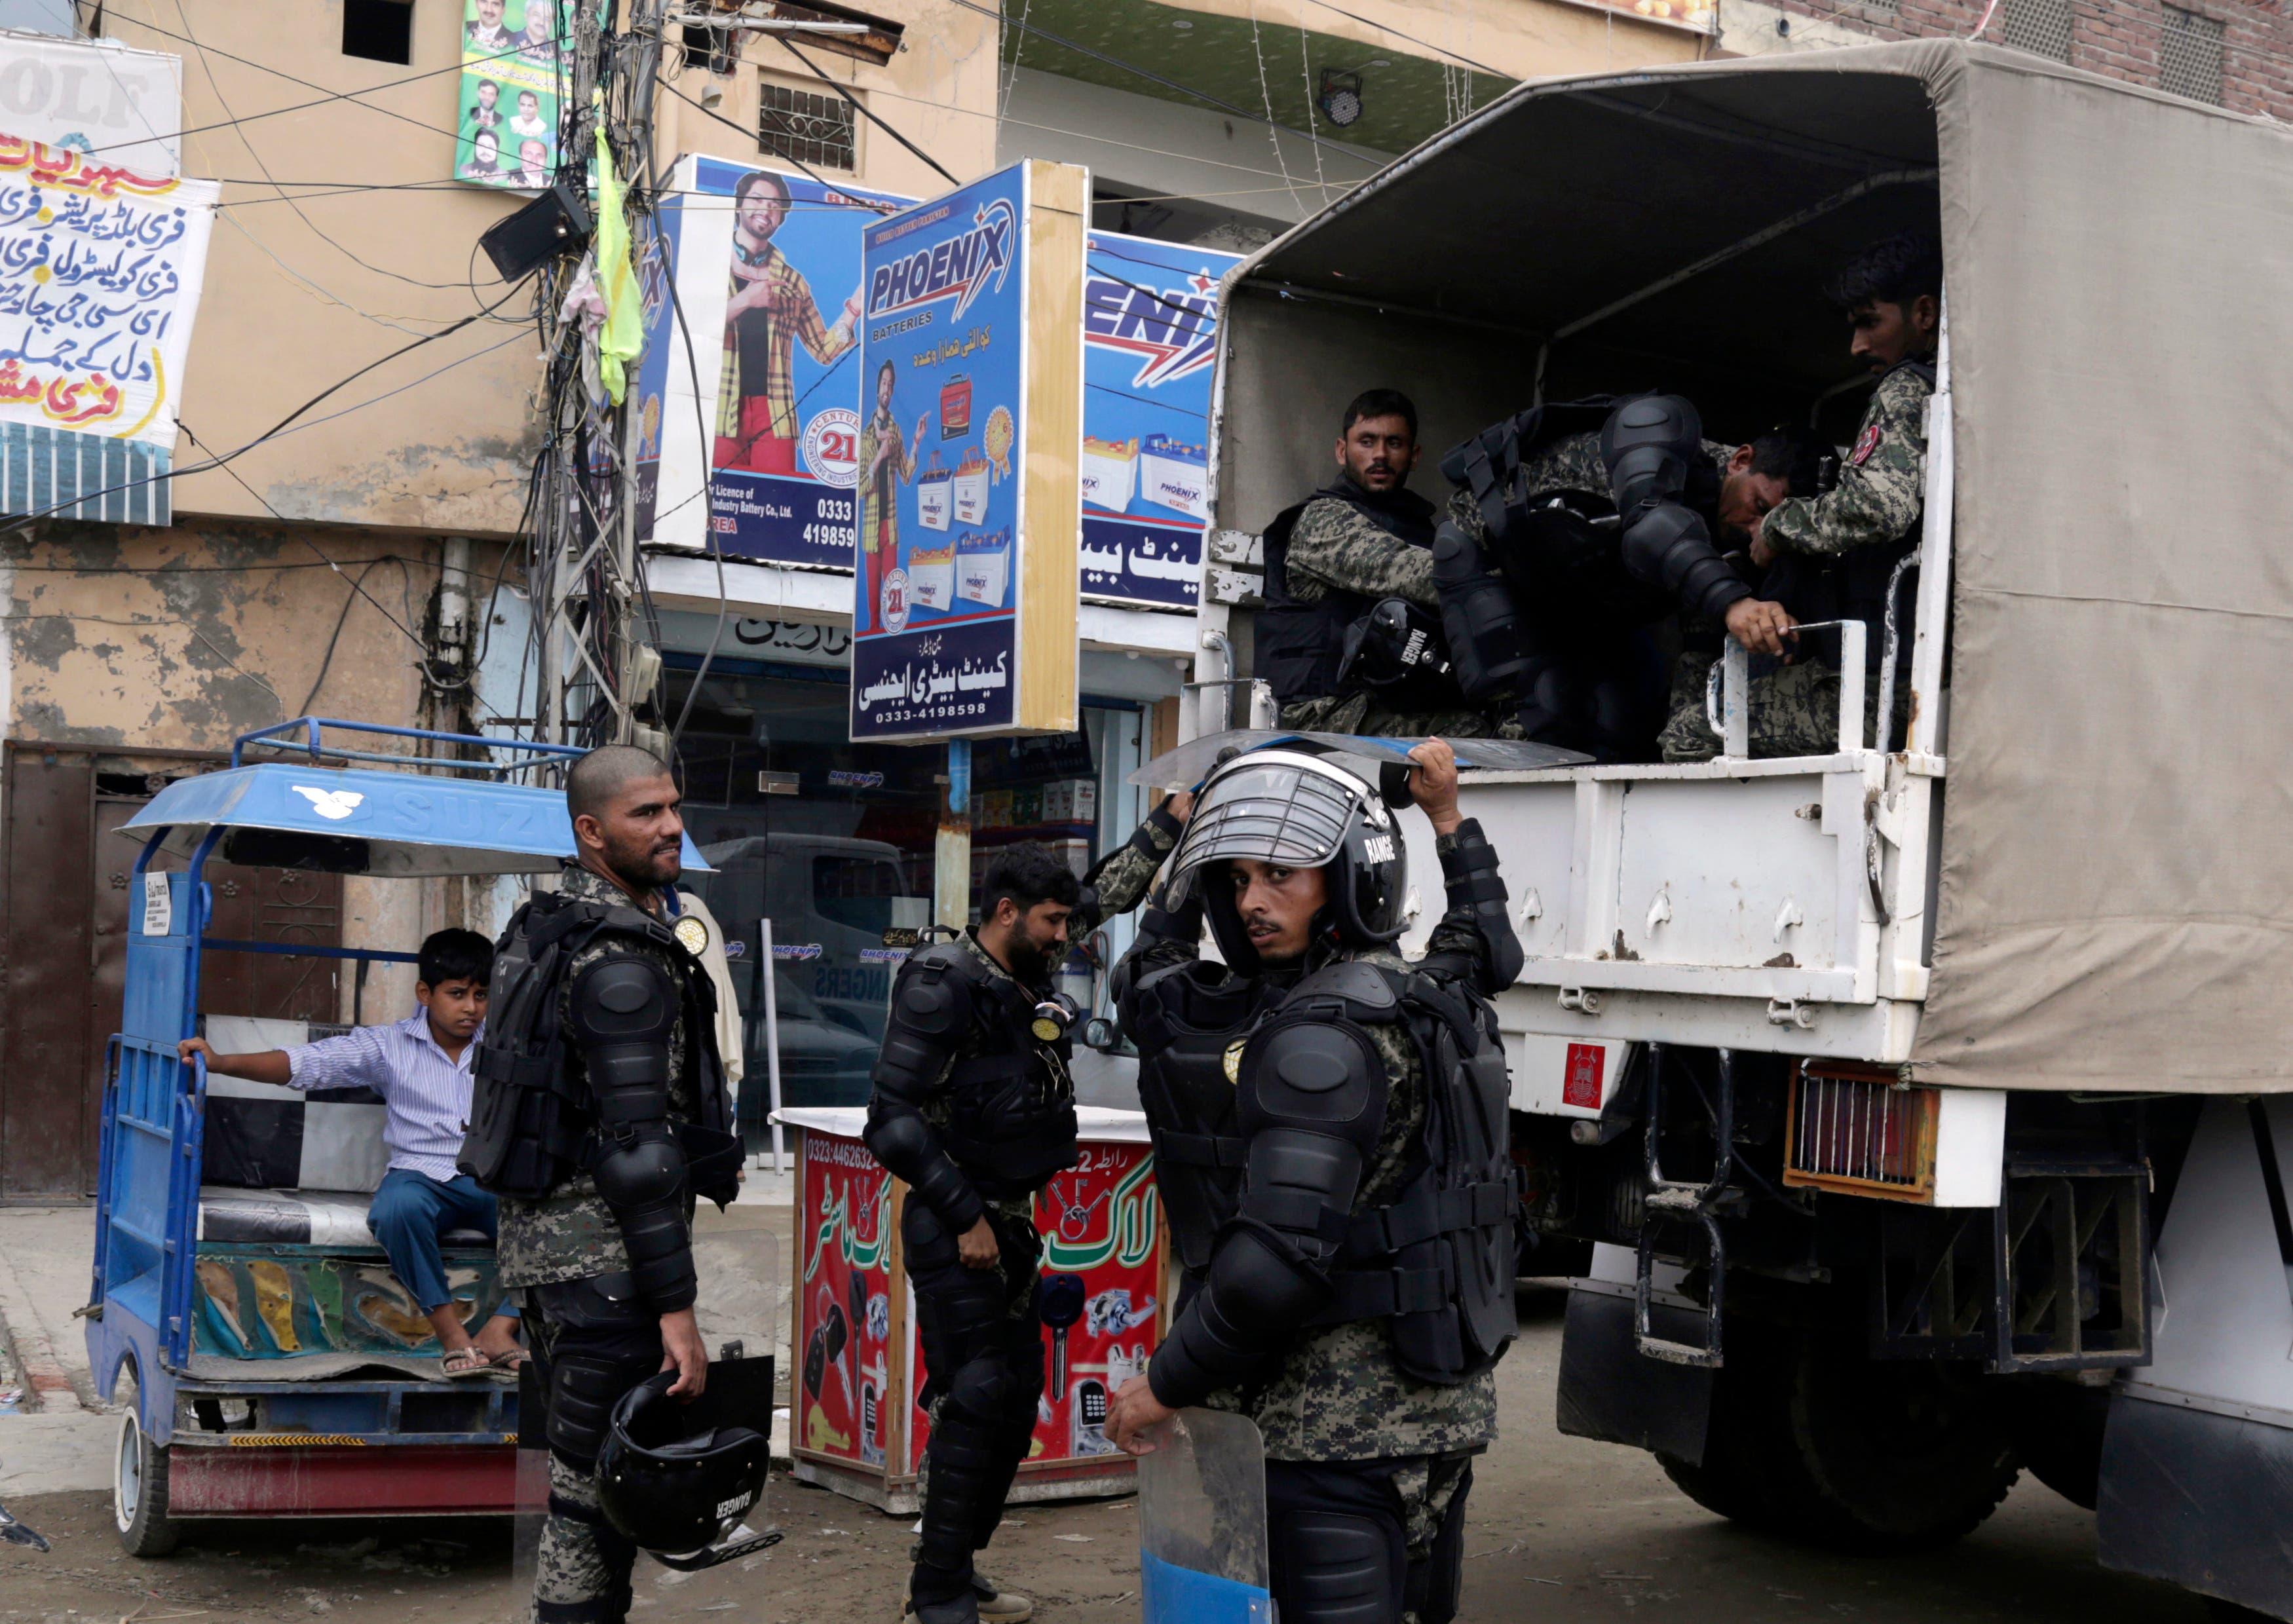 Tropas de la fuerza paramilitar pakistaní llegan a la ciudad de Lahore, Pakistán, el viernes 13 de julio de 2018. El ex primer ministro Nawaz Sharif será trasladado en helicóptero a la capital federal de Islamabad cuando regrese el viernes a la ciudad oriental de Lahore, en Pakistán. Londres enfrentará una sentencia de prisión de 10 años por cargos de corrupción. AP